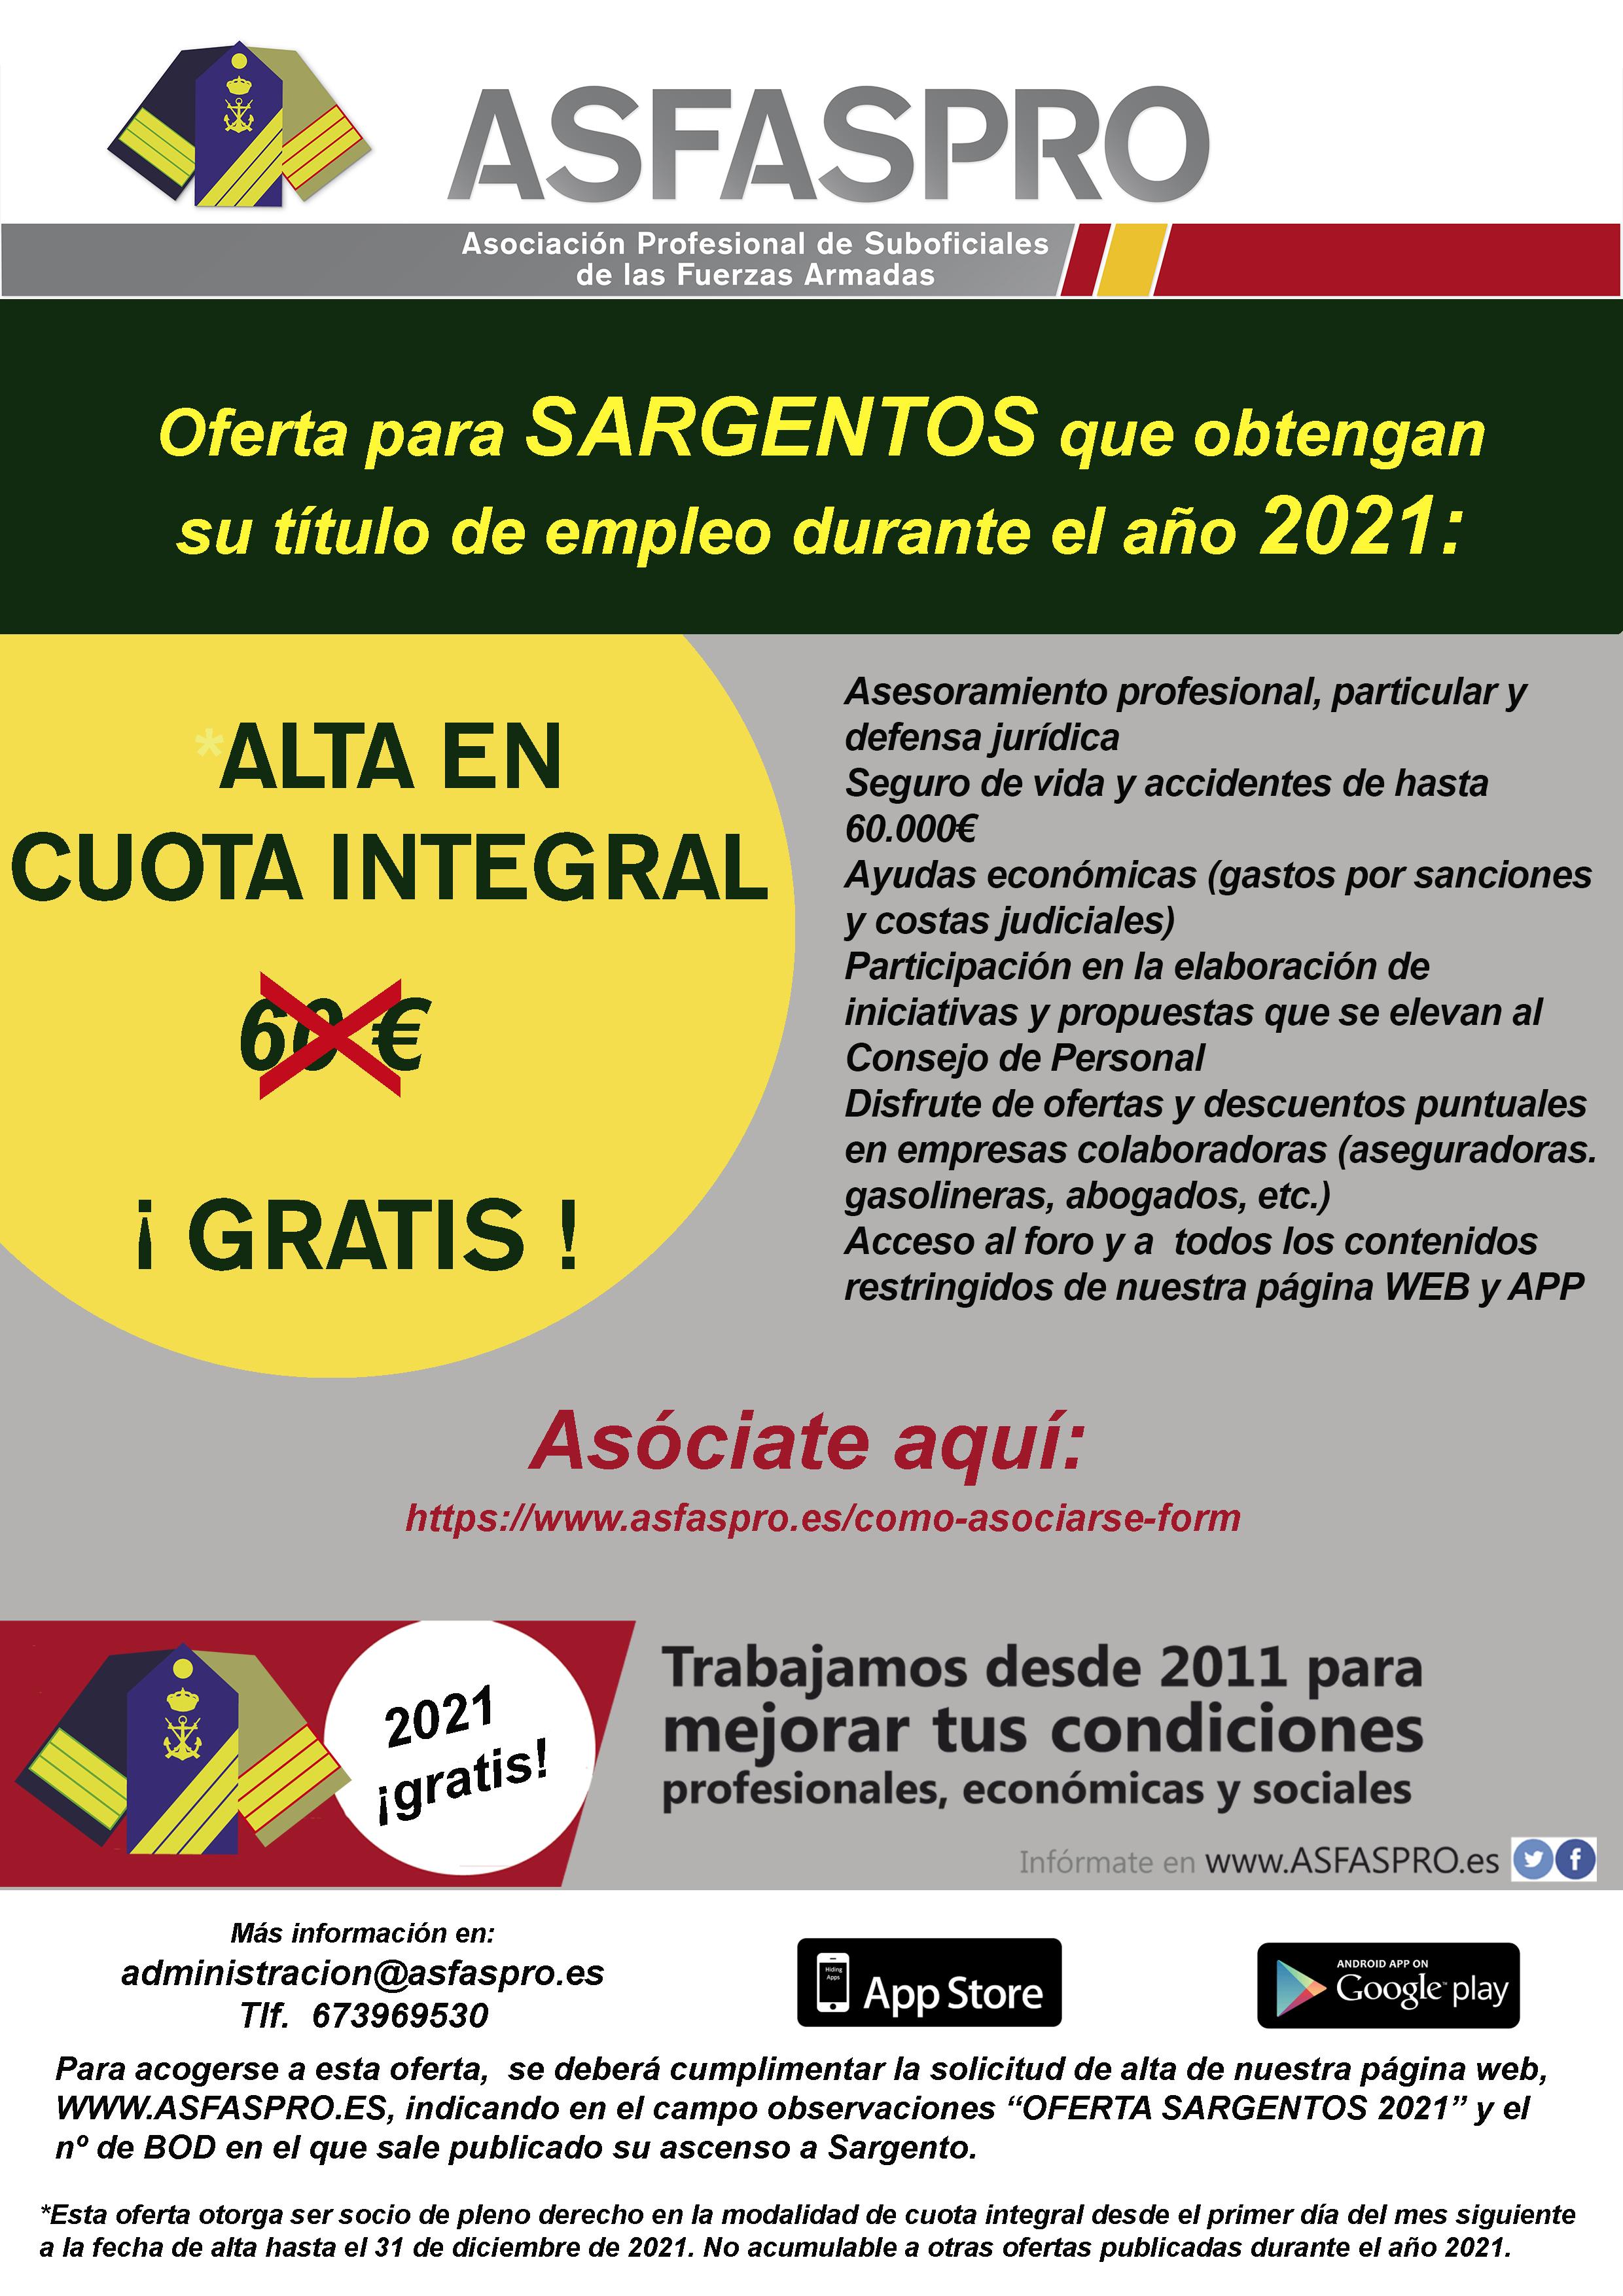 OfertaSargentos2021